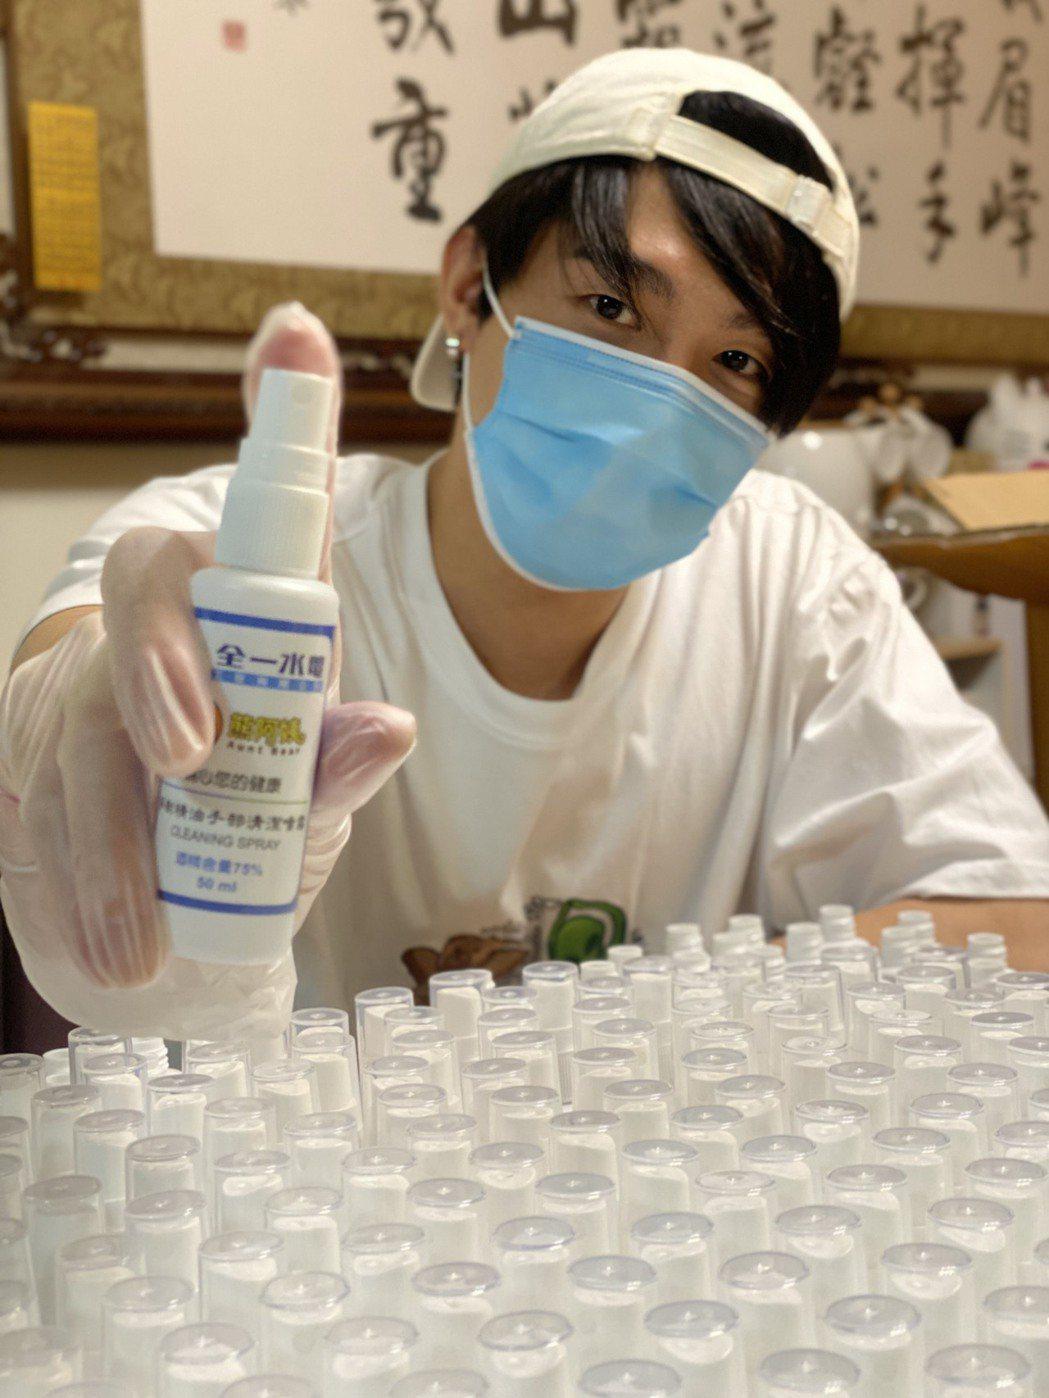 黃昺翔幫忙做酒精裝瓶。圖/無限美好文創娛樂提供